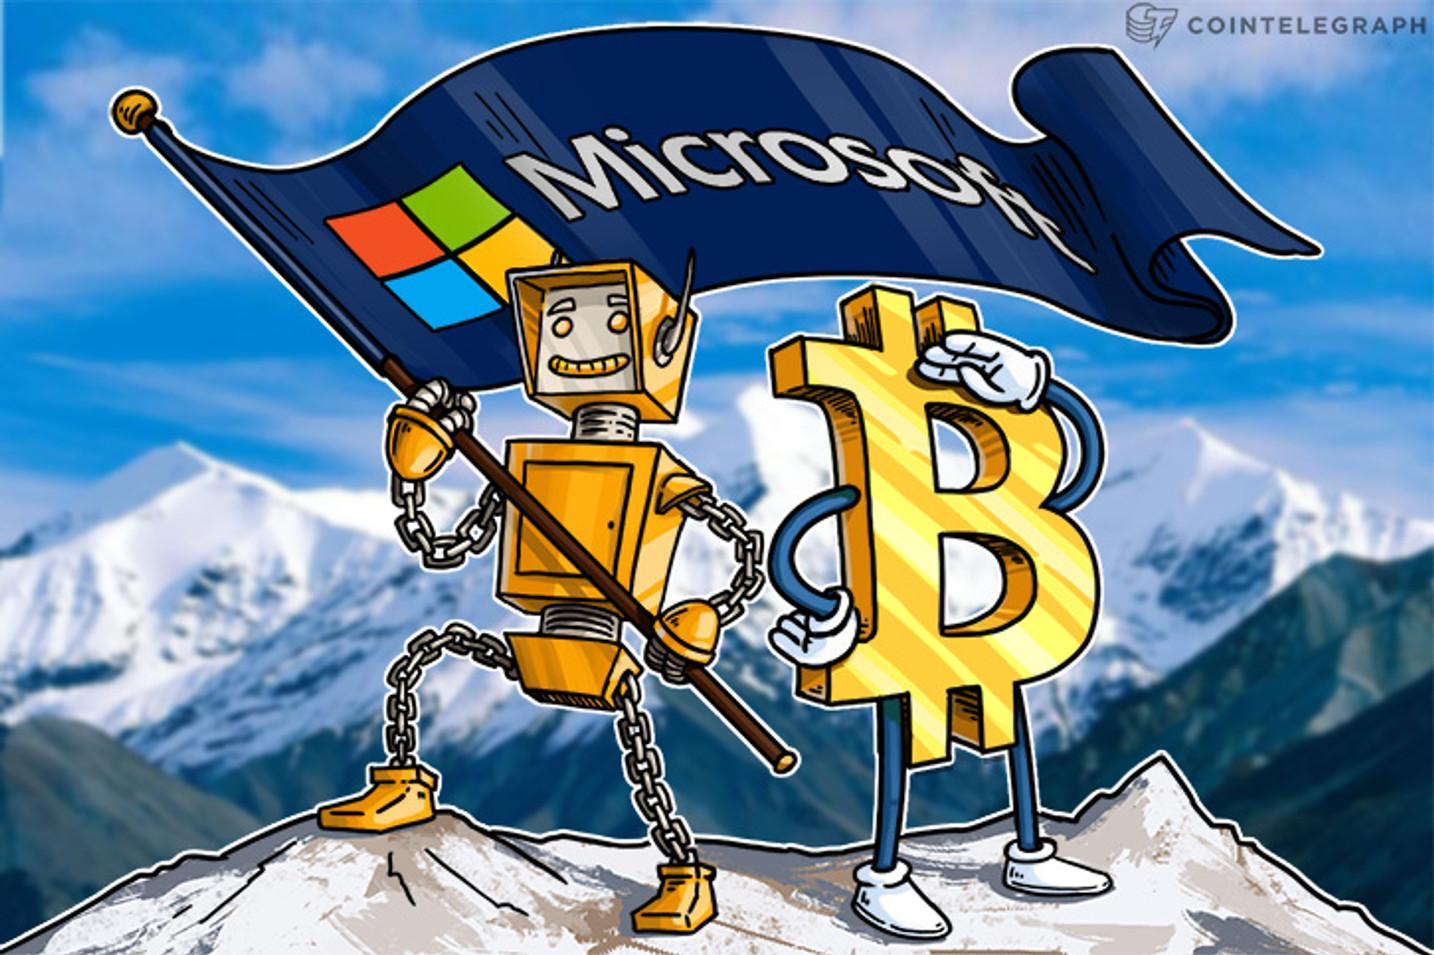 مايكروسوفت تعتزم تنفيذ نظام تعريف يستند إلى بلوكتشين